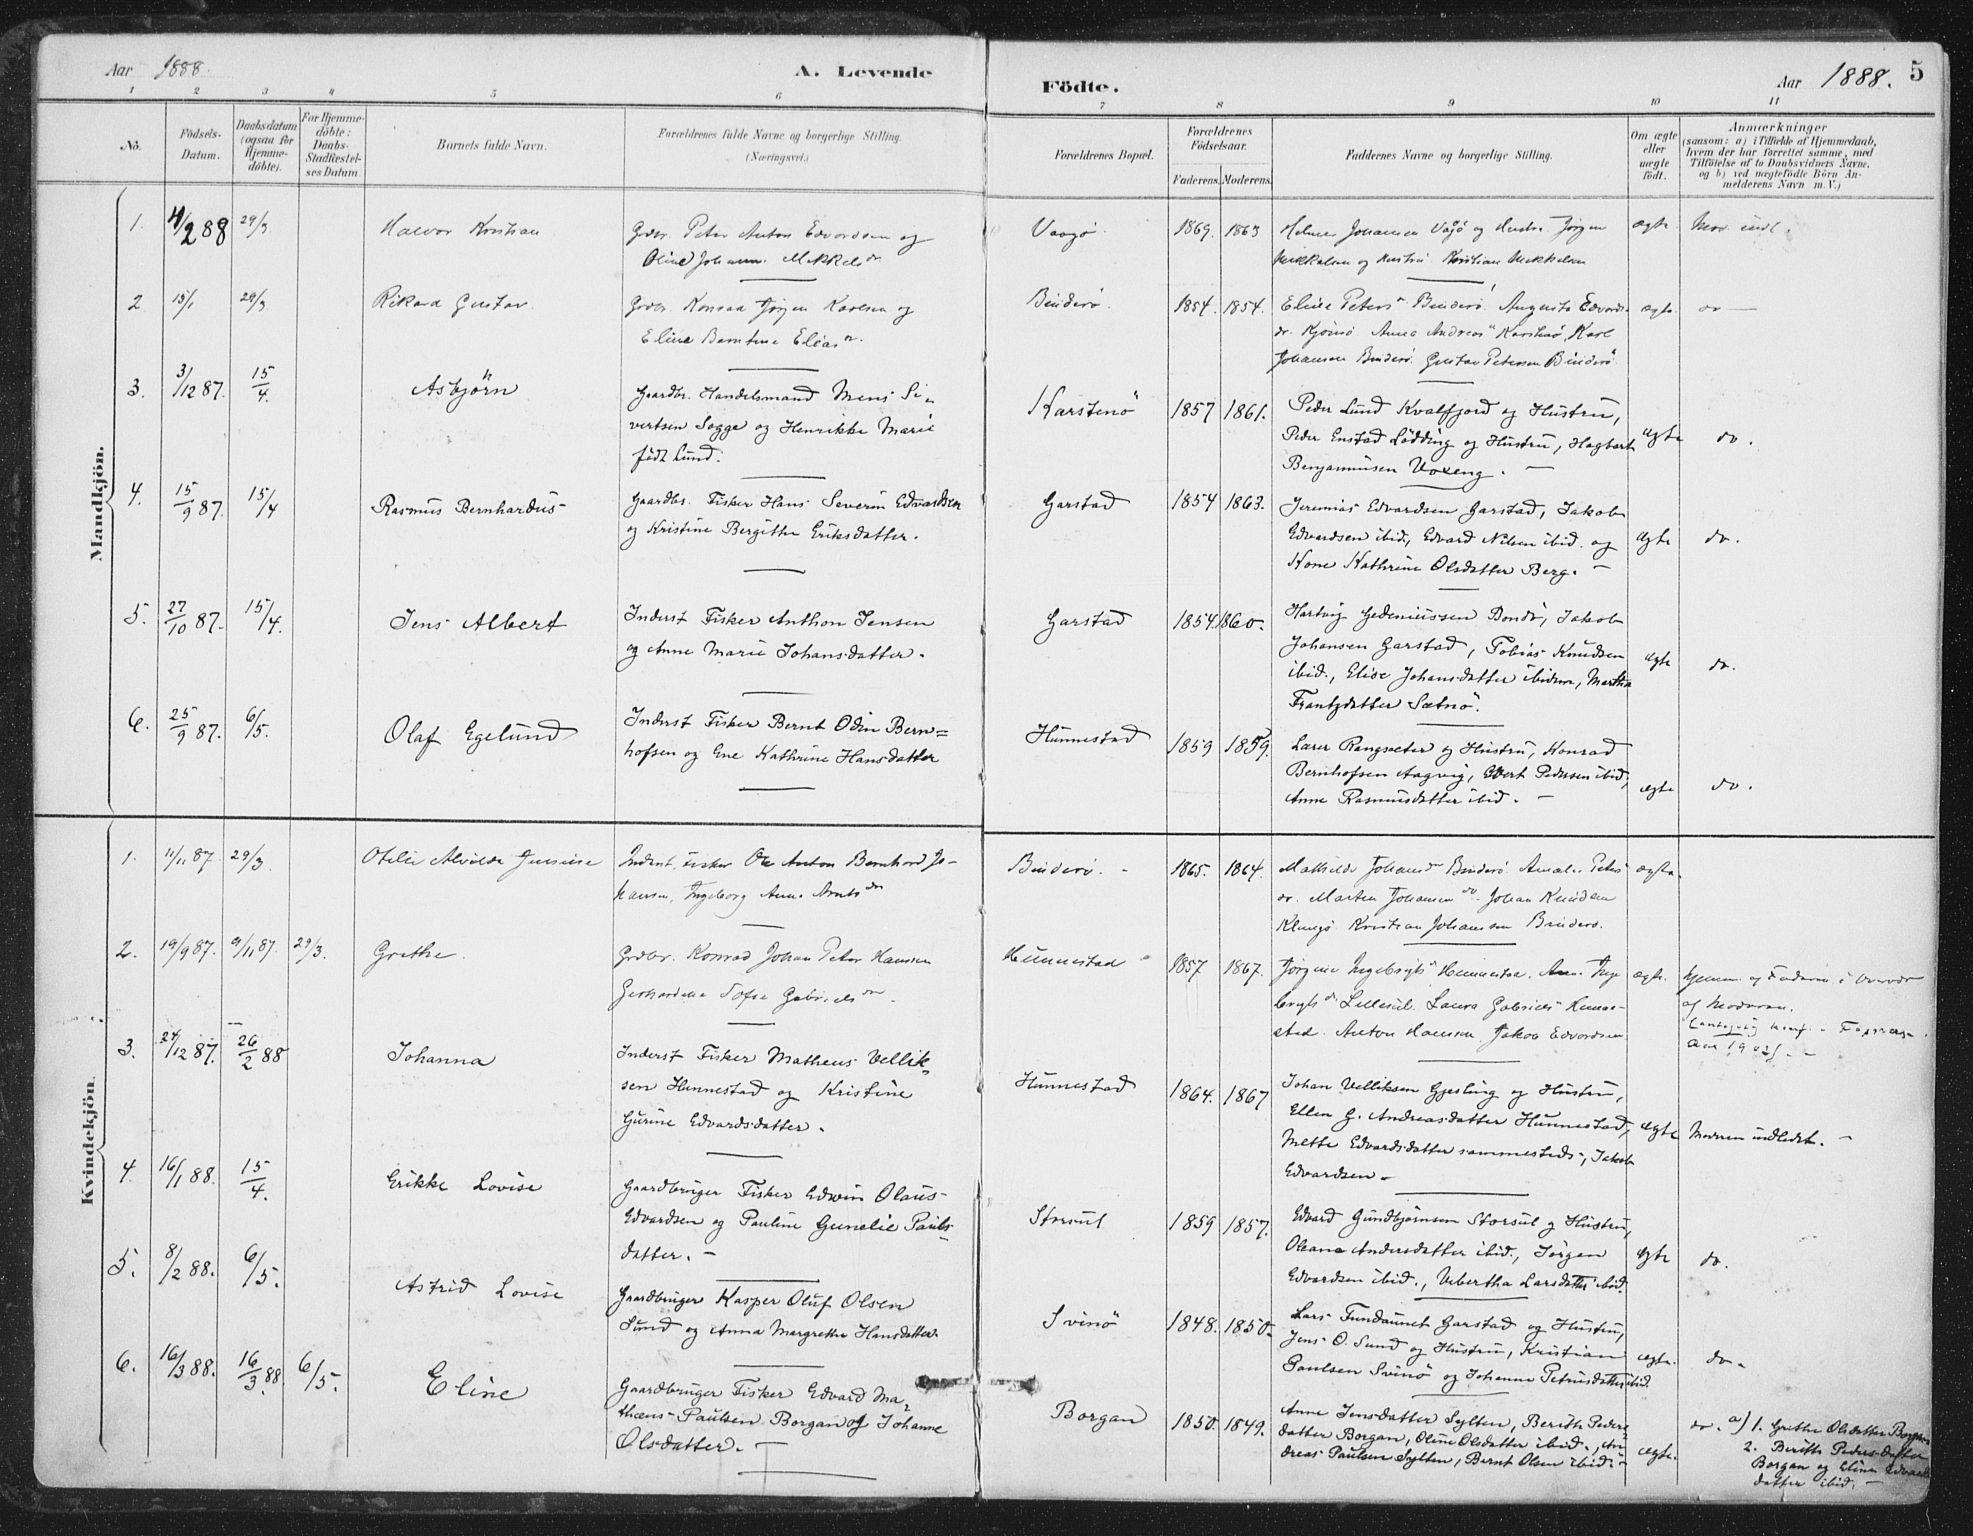 SAT, Ministerialprotokoller, klokkerbøker og fødselsregistre - Nord-Trøndelag, 786/L0687: Ministerialbok nr. 786A03, 1888-1898, s. 5